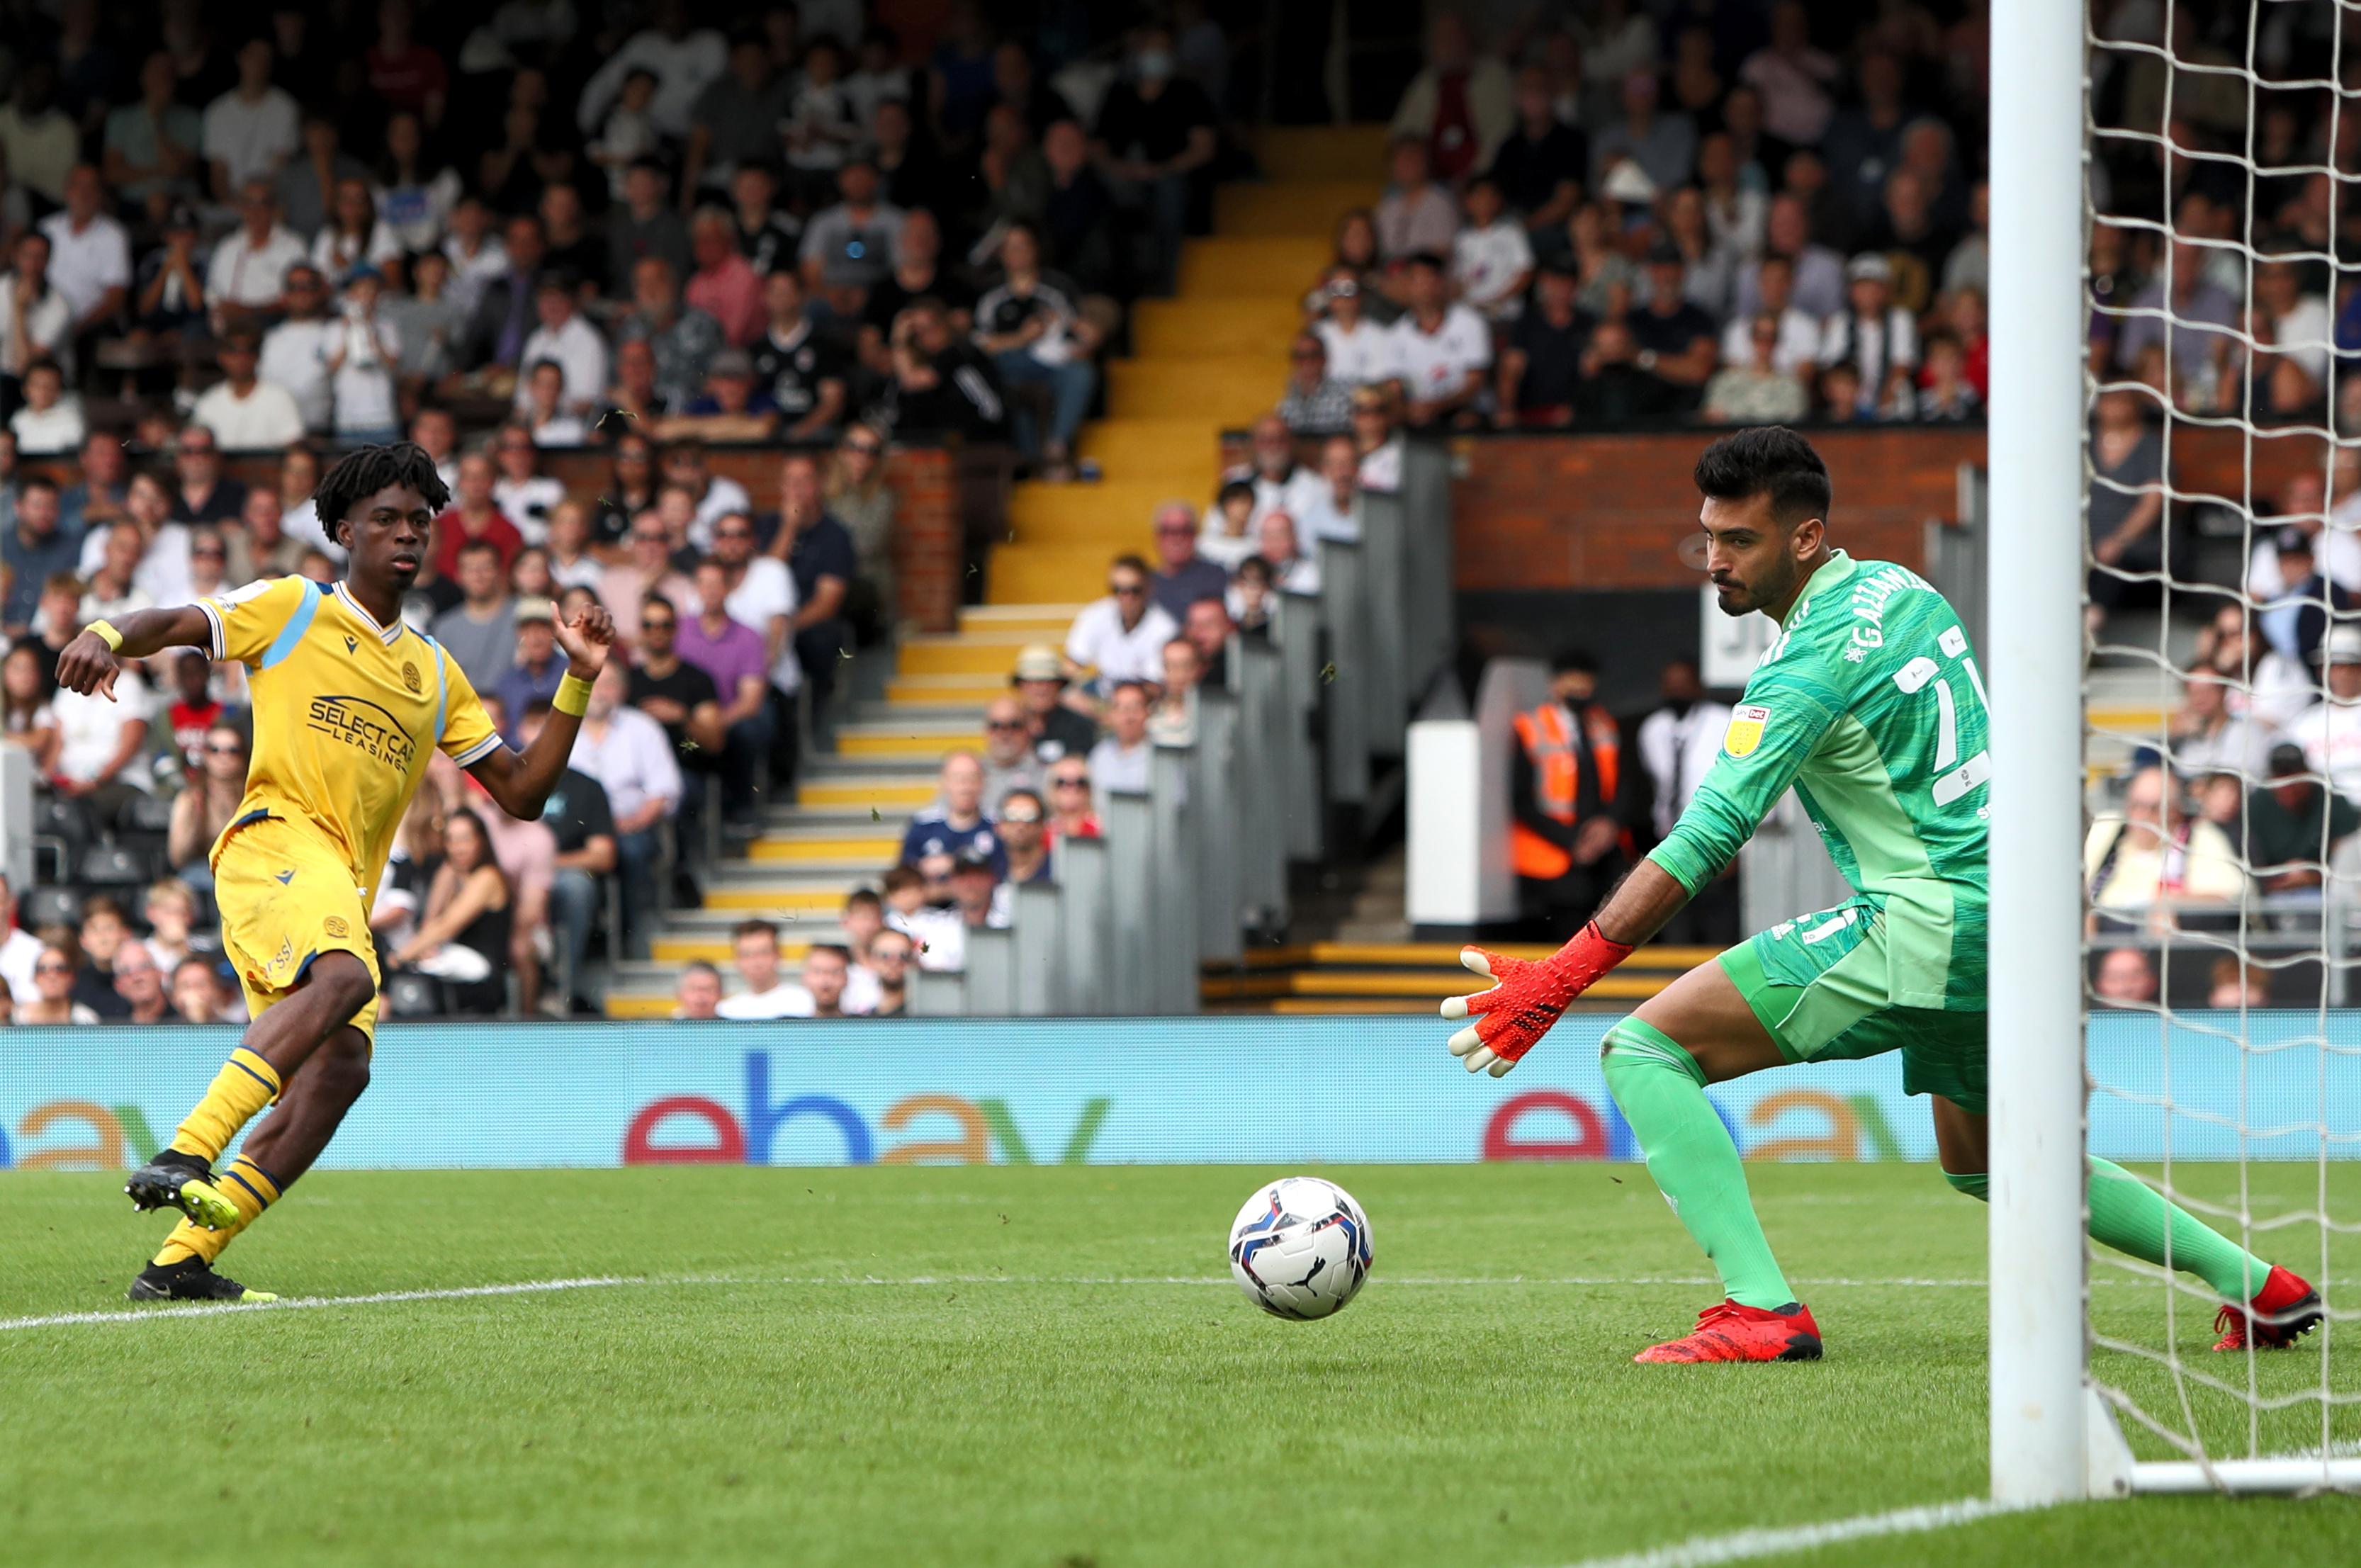 Fulham v Reading - Sky Bet Championship - Craven Cottage